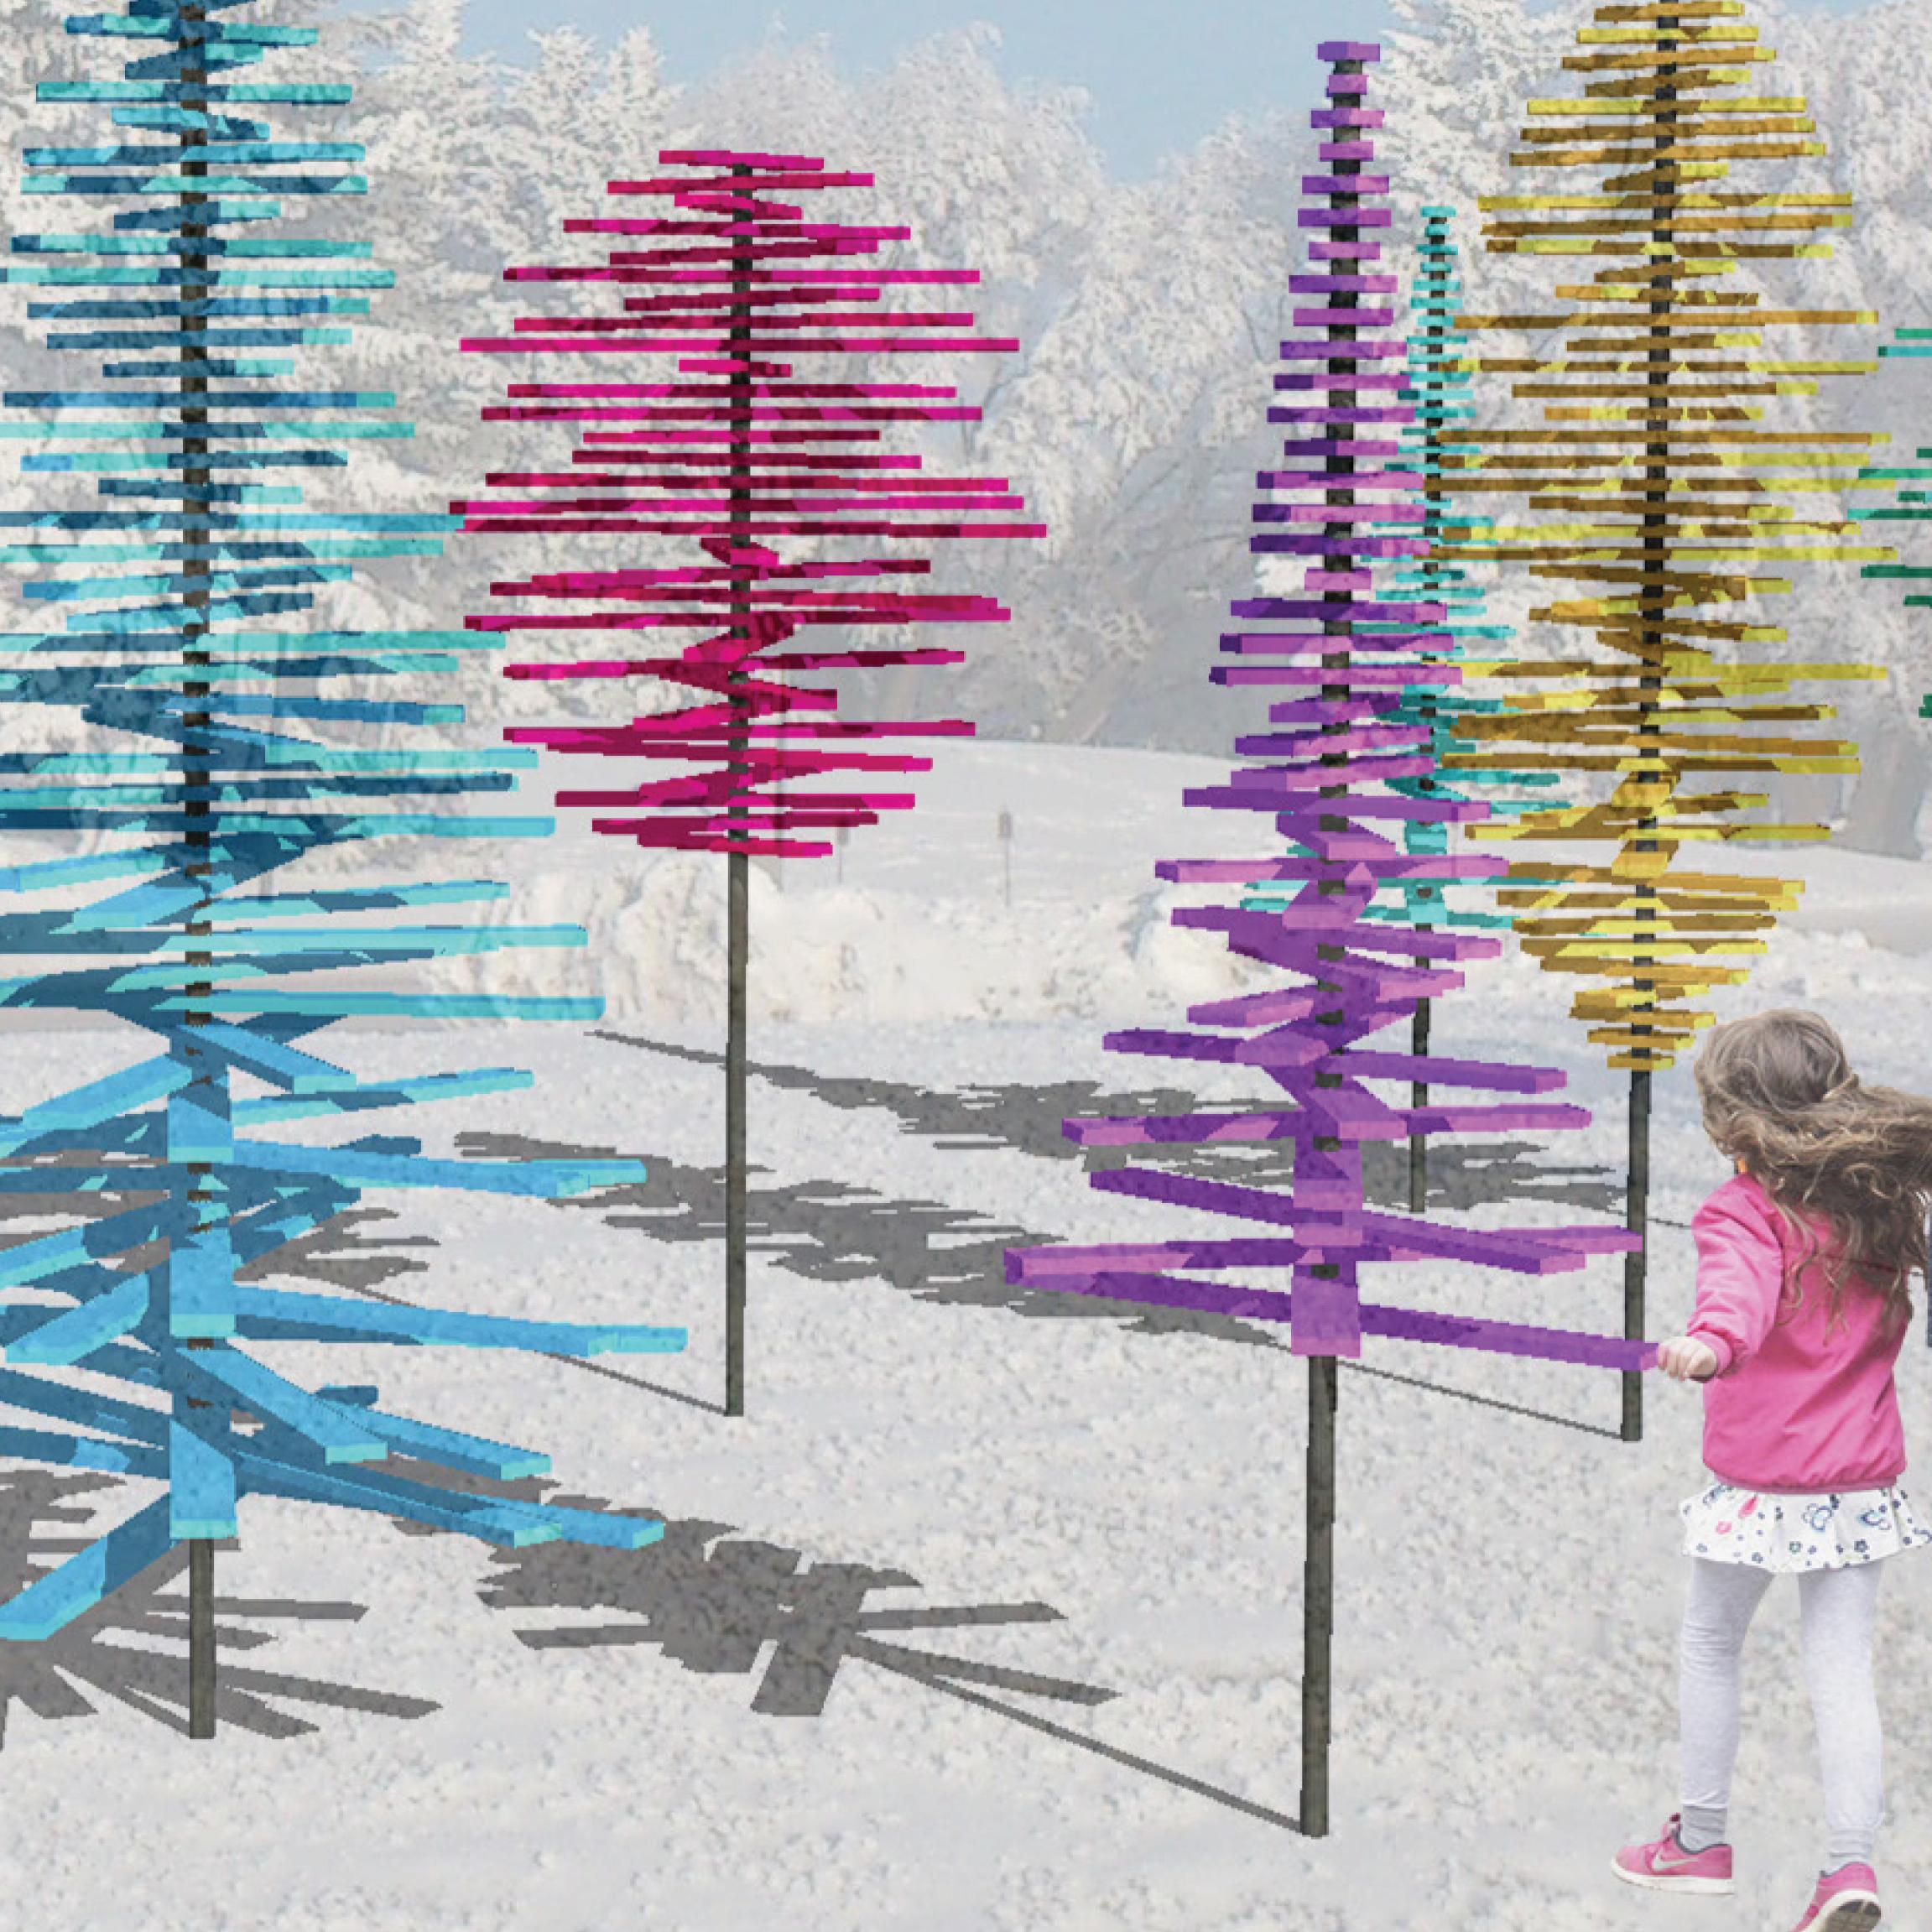 Tree Tops by Brennan Jelinski